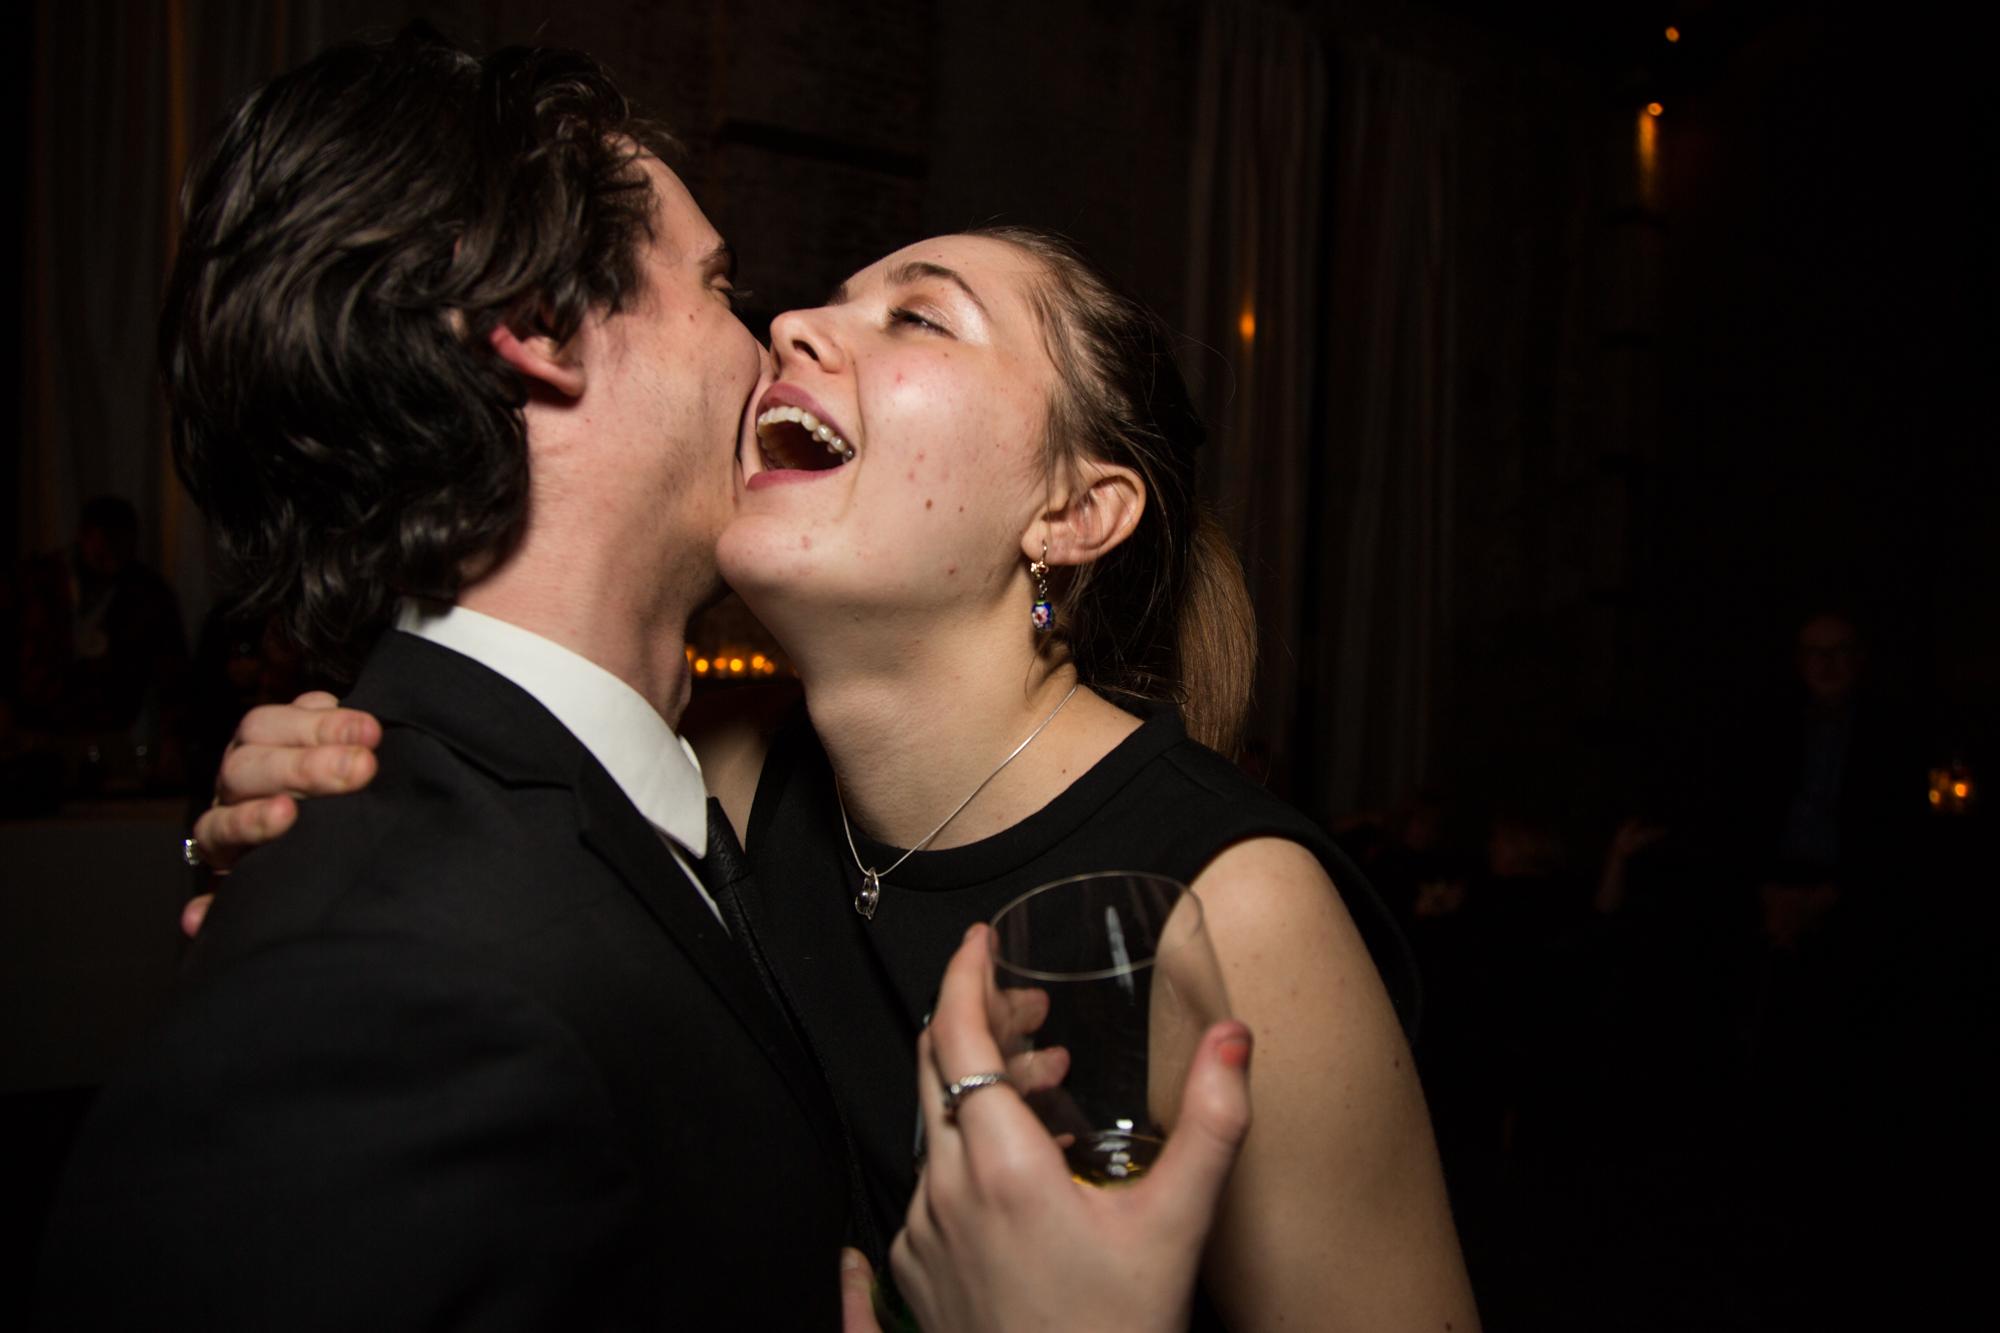 HeatherPhelpsLipton-Modern-WeddingPhotography-GreenBuilding-winter-prospectpark-41.jpg